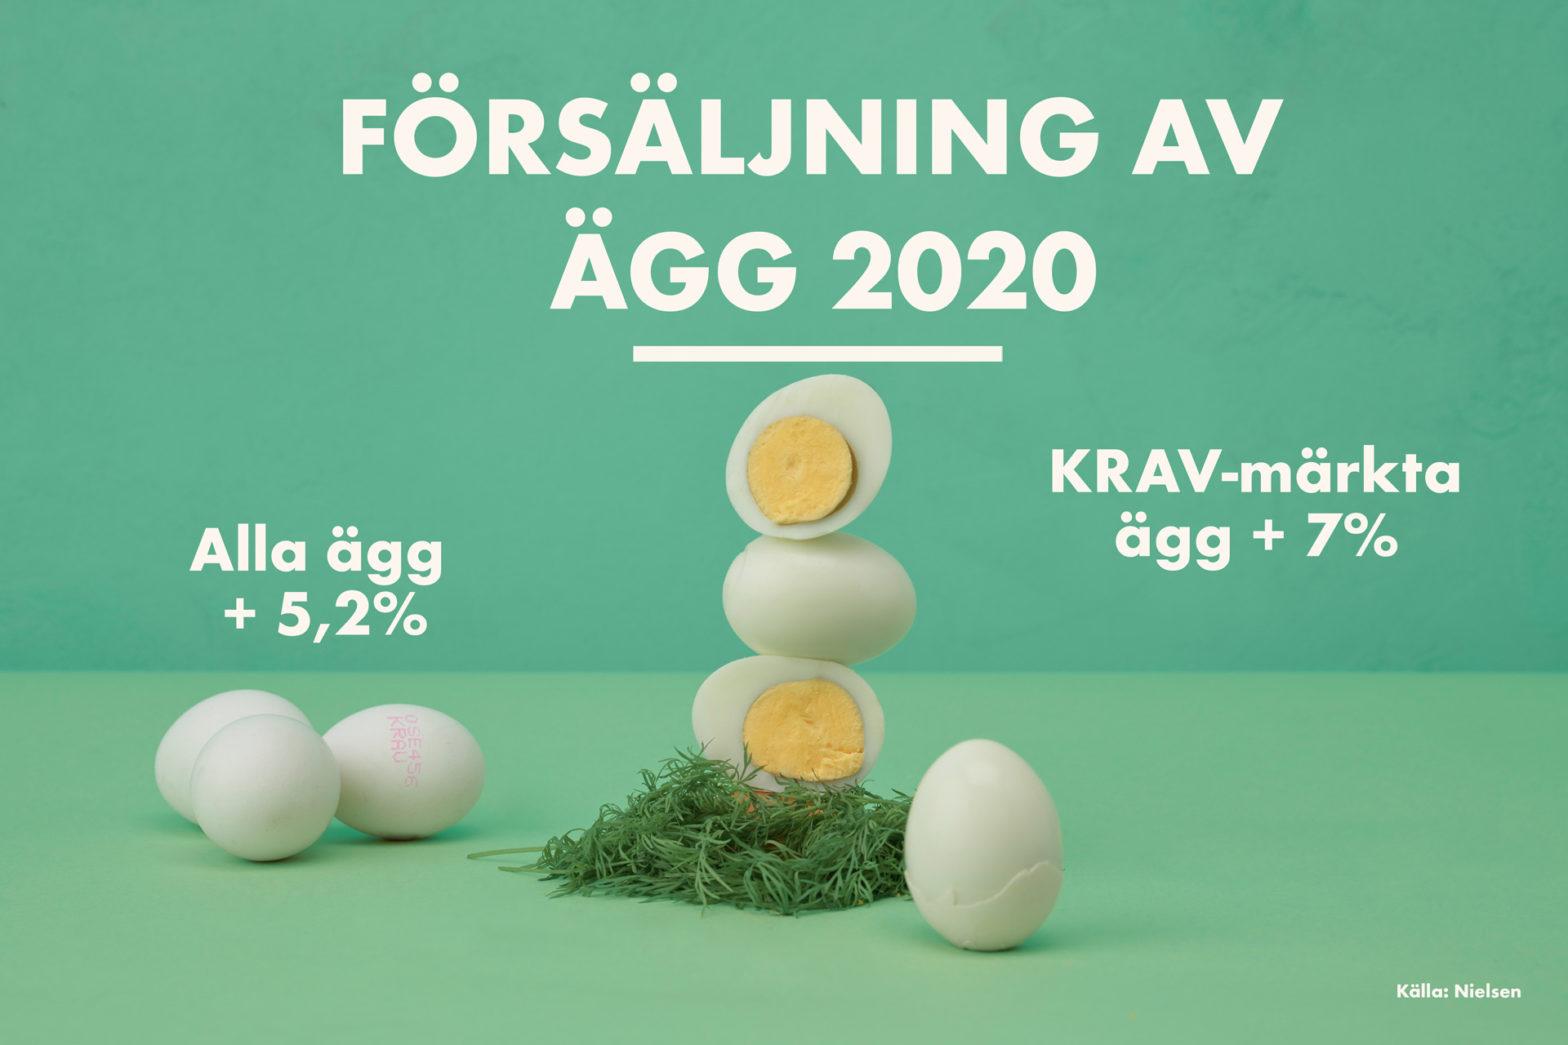 Krav-märkta ägg ökade mest 2020